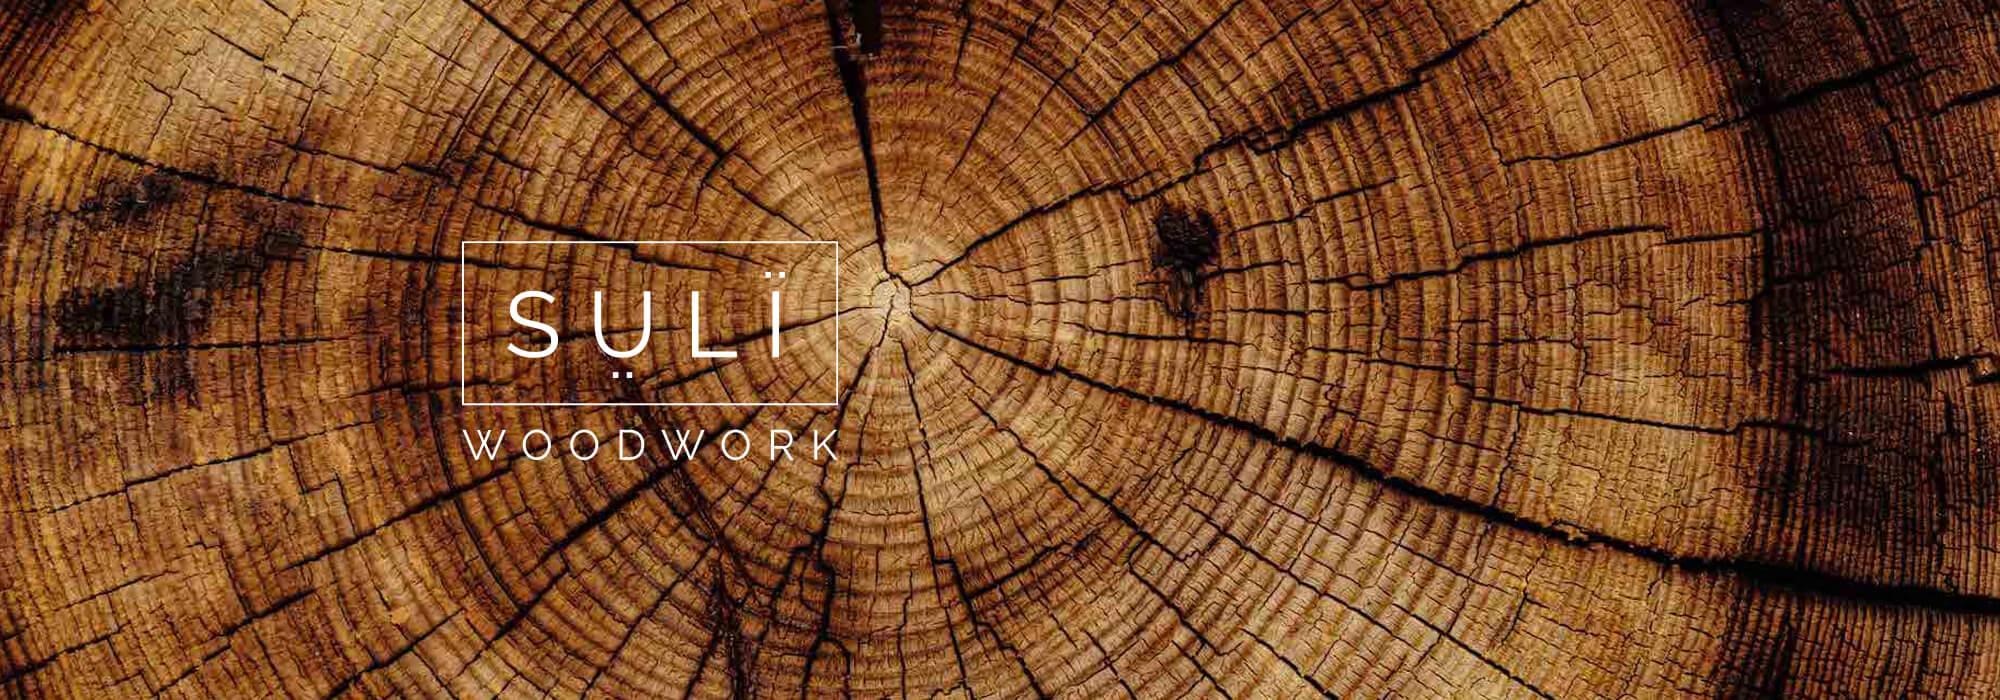 Suli Woodwork brandépítés